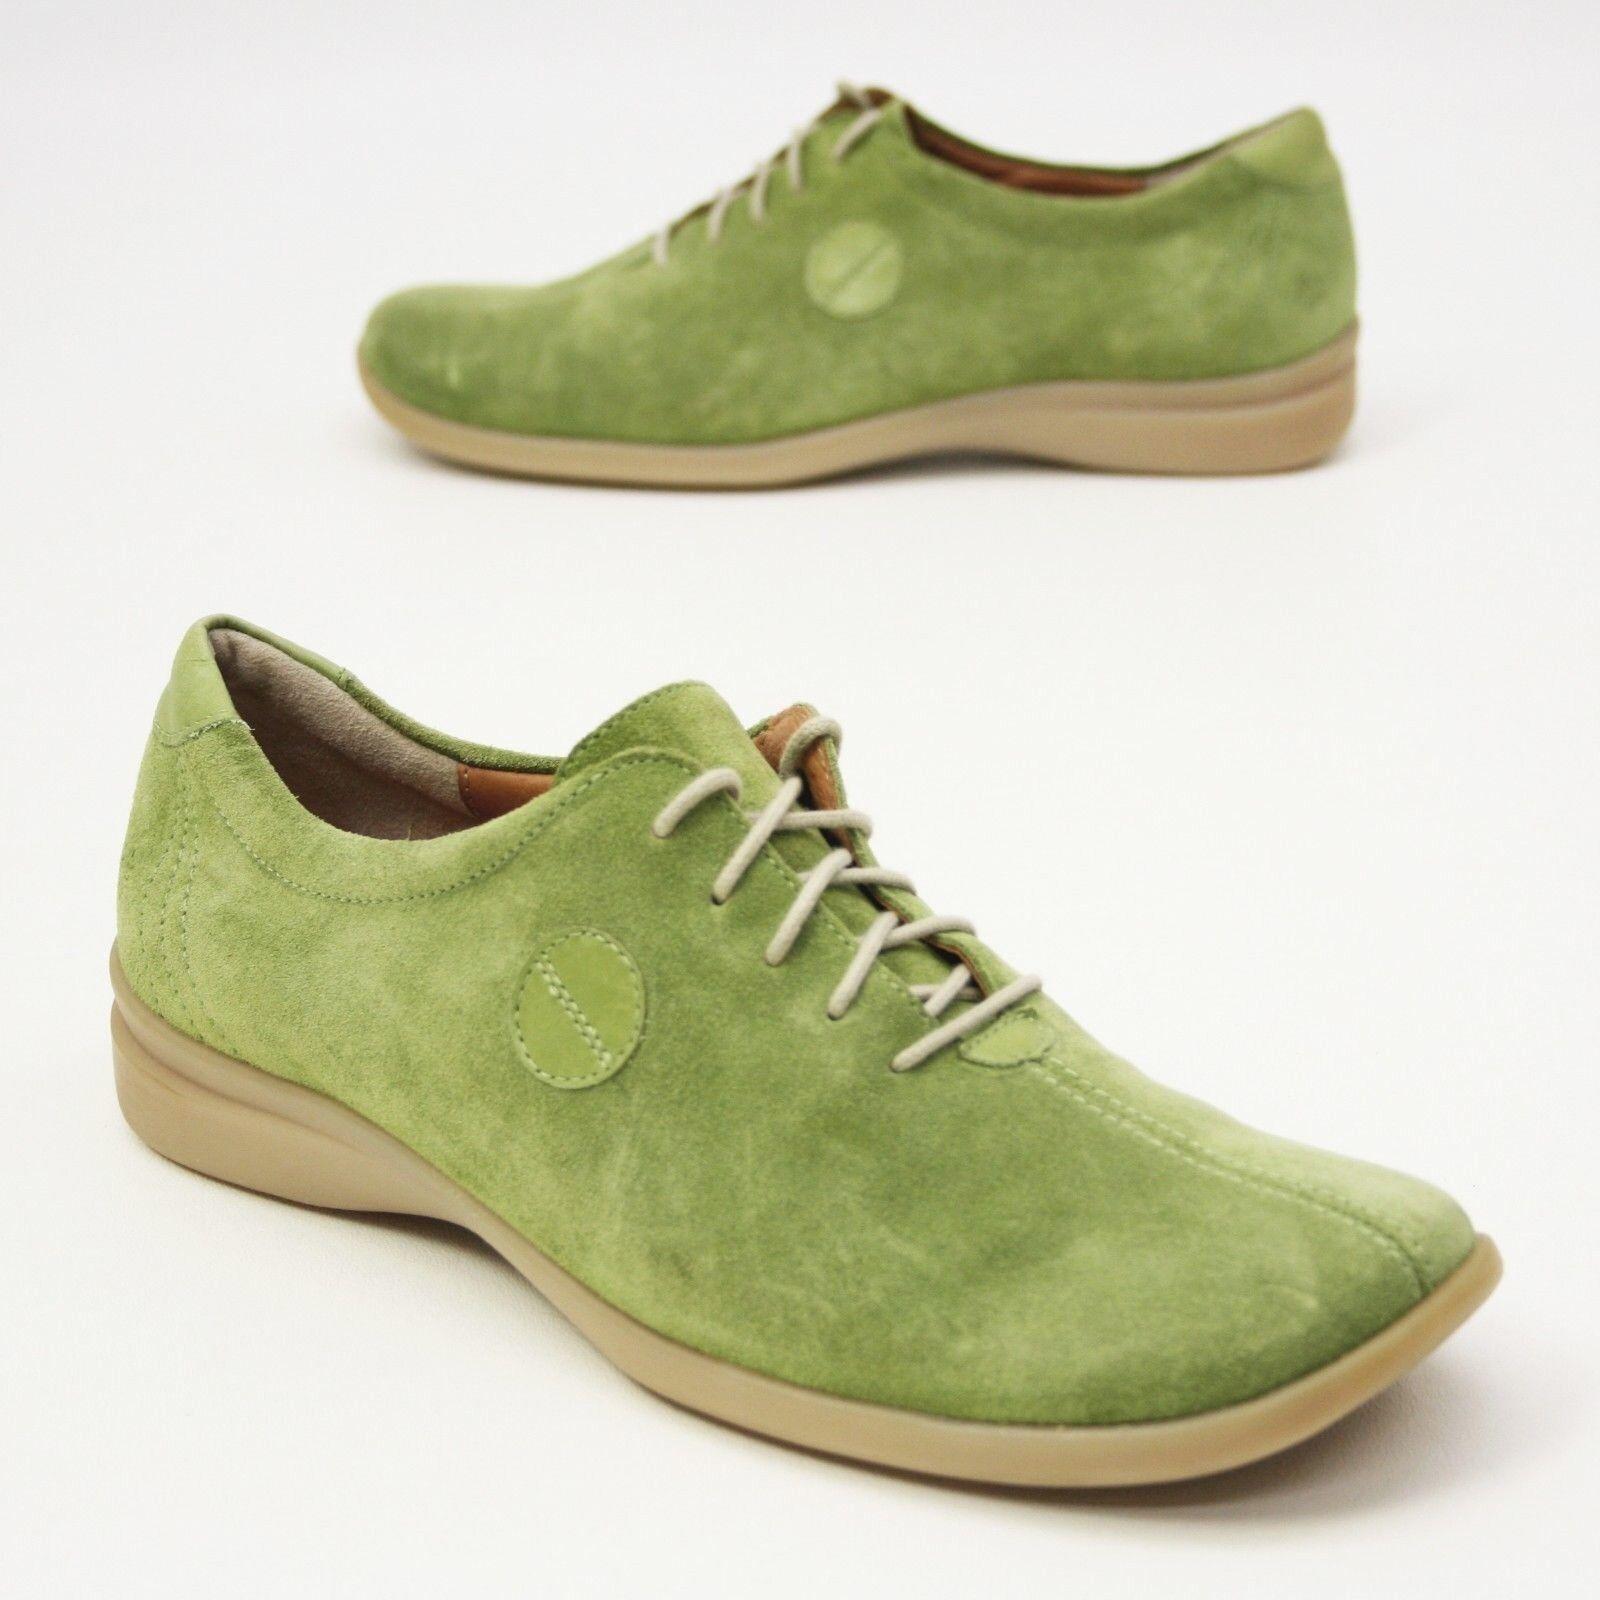 Ganter señoras UK Talla 5 (EE. UU. alrojoedor de de de 7.5 8) De Cuero Y Gamuza Zapatos Oxford alemán  nuevo listado